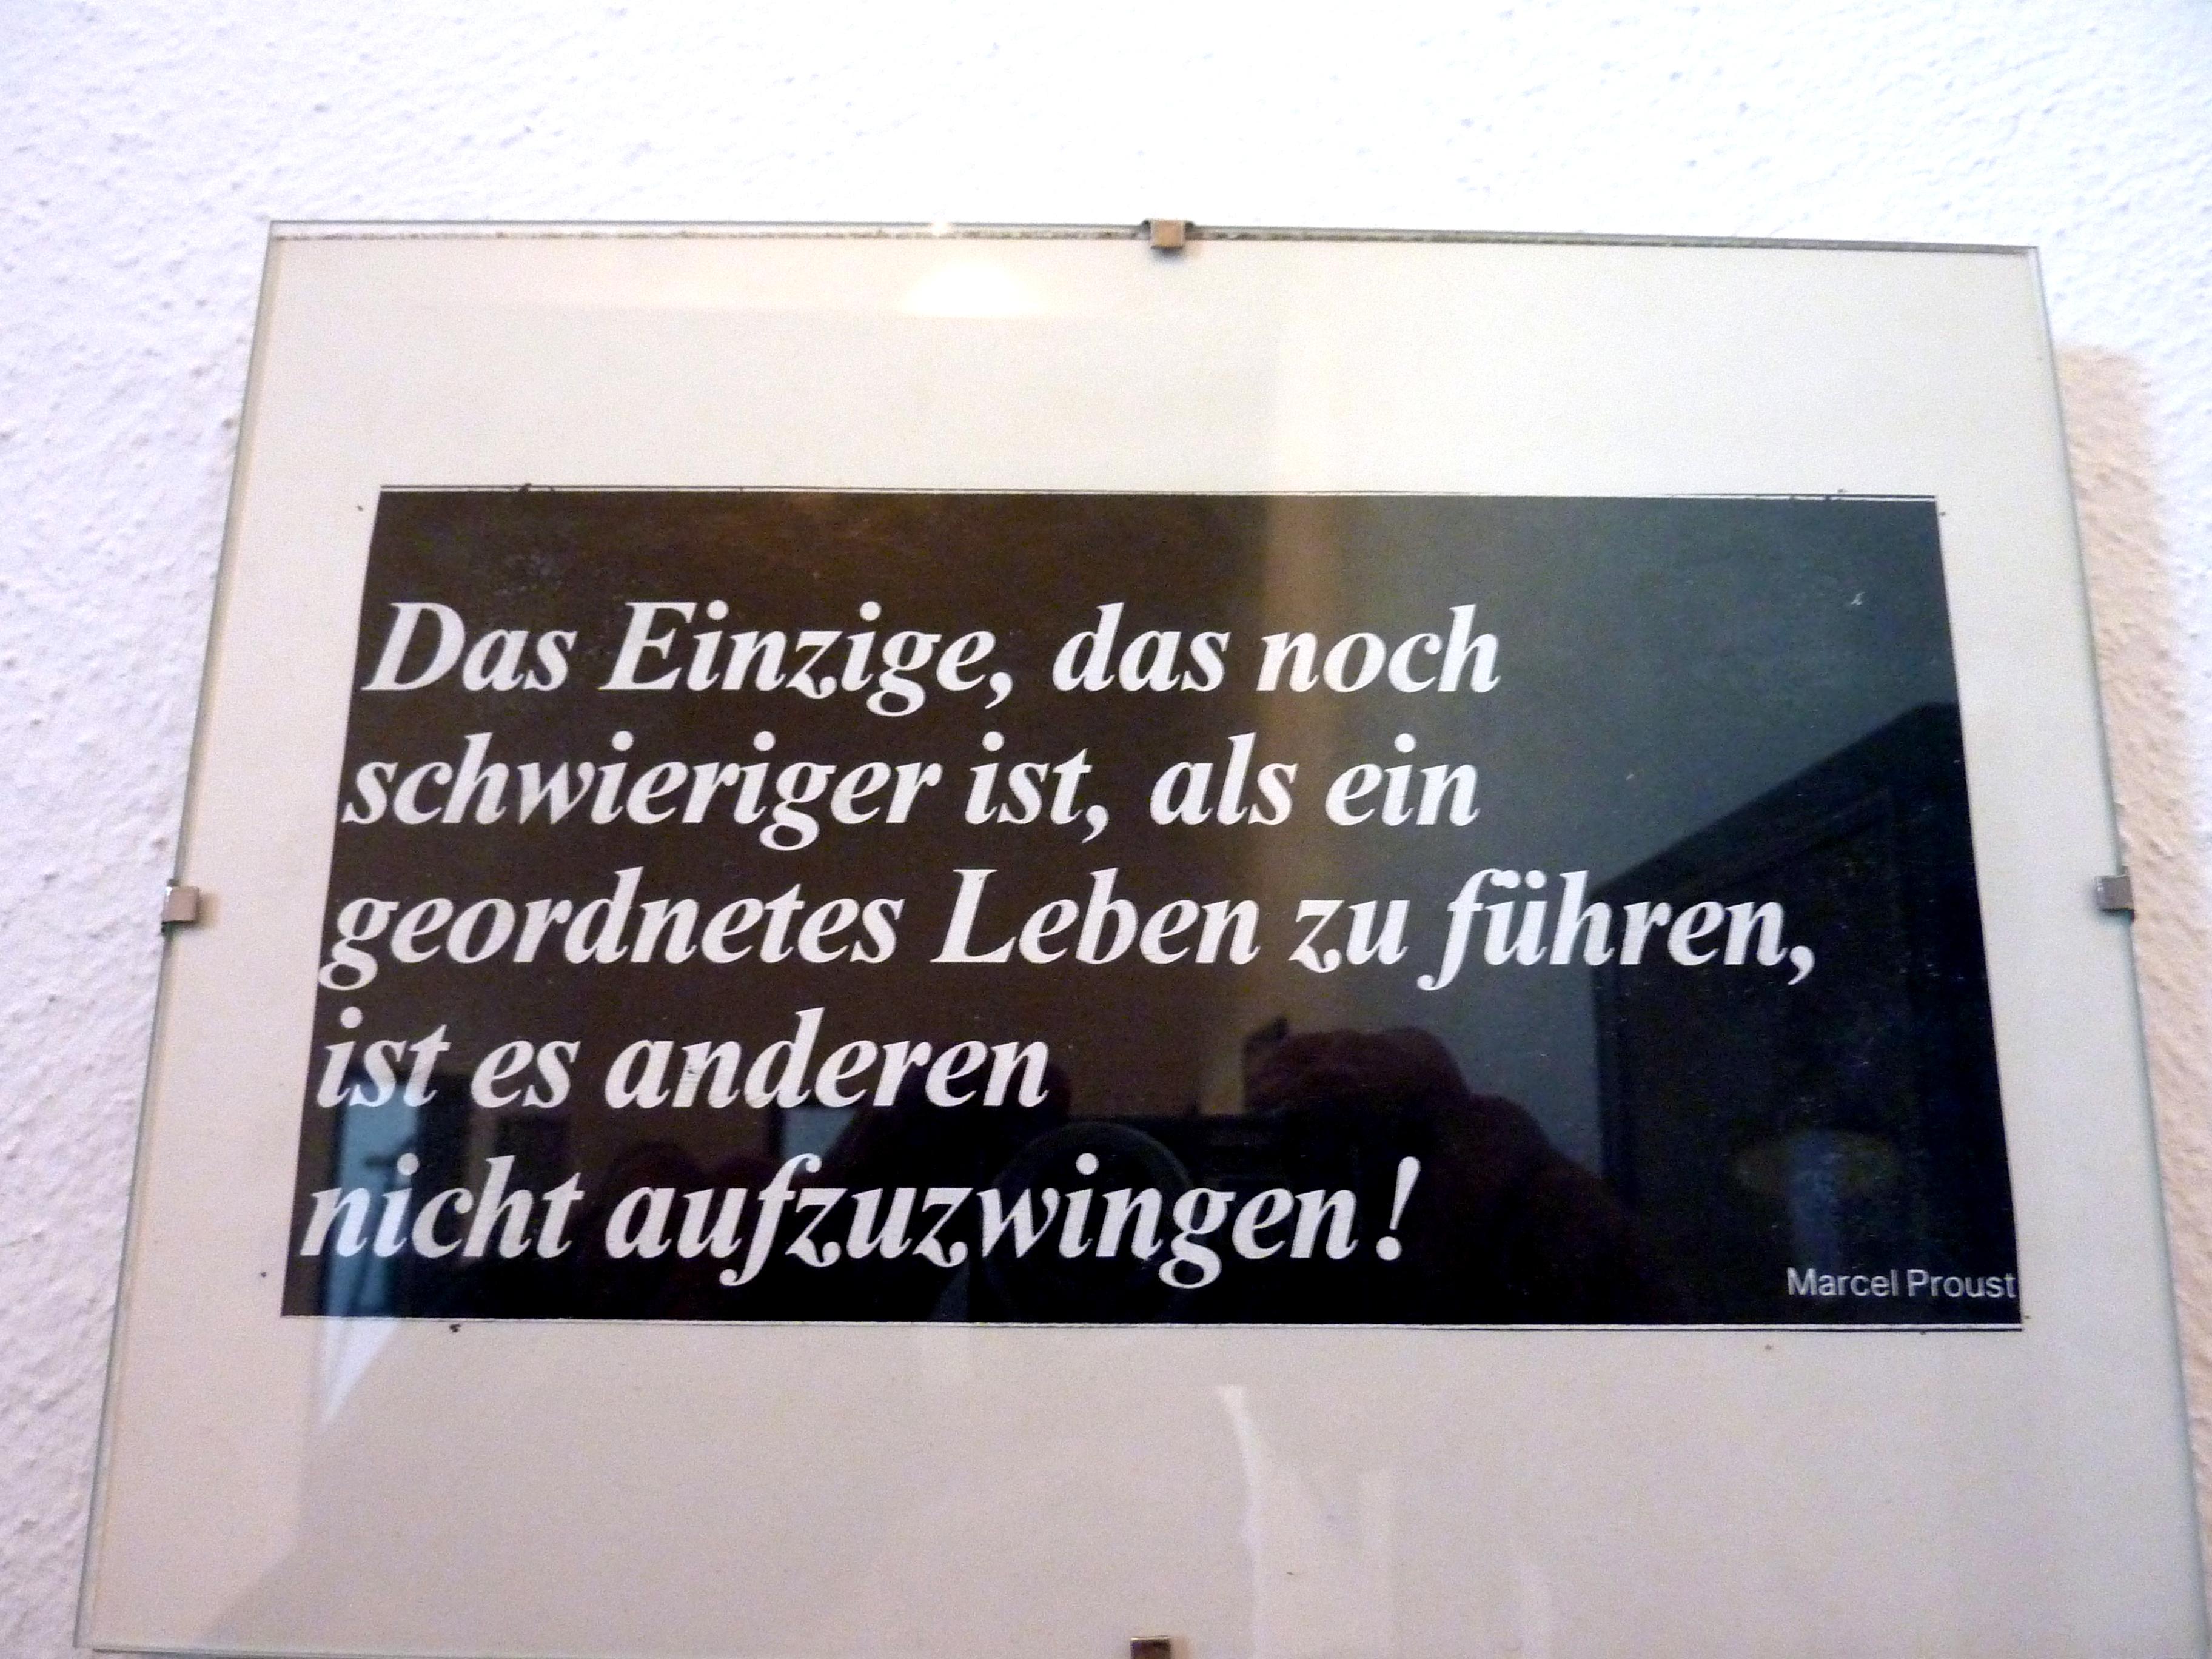 Institut für Psychotherapie und Psychoanalyse Rhein-Eifel